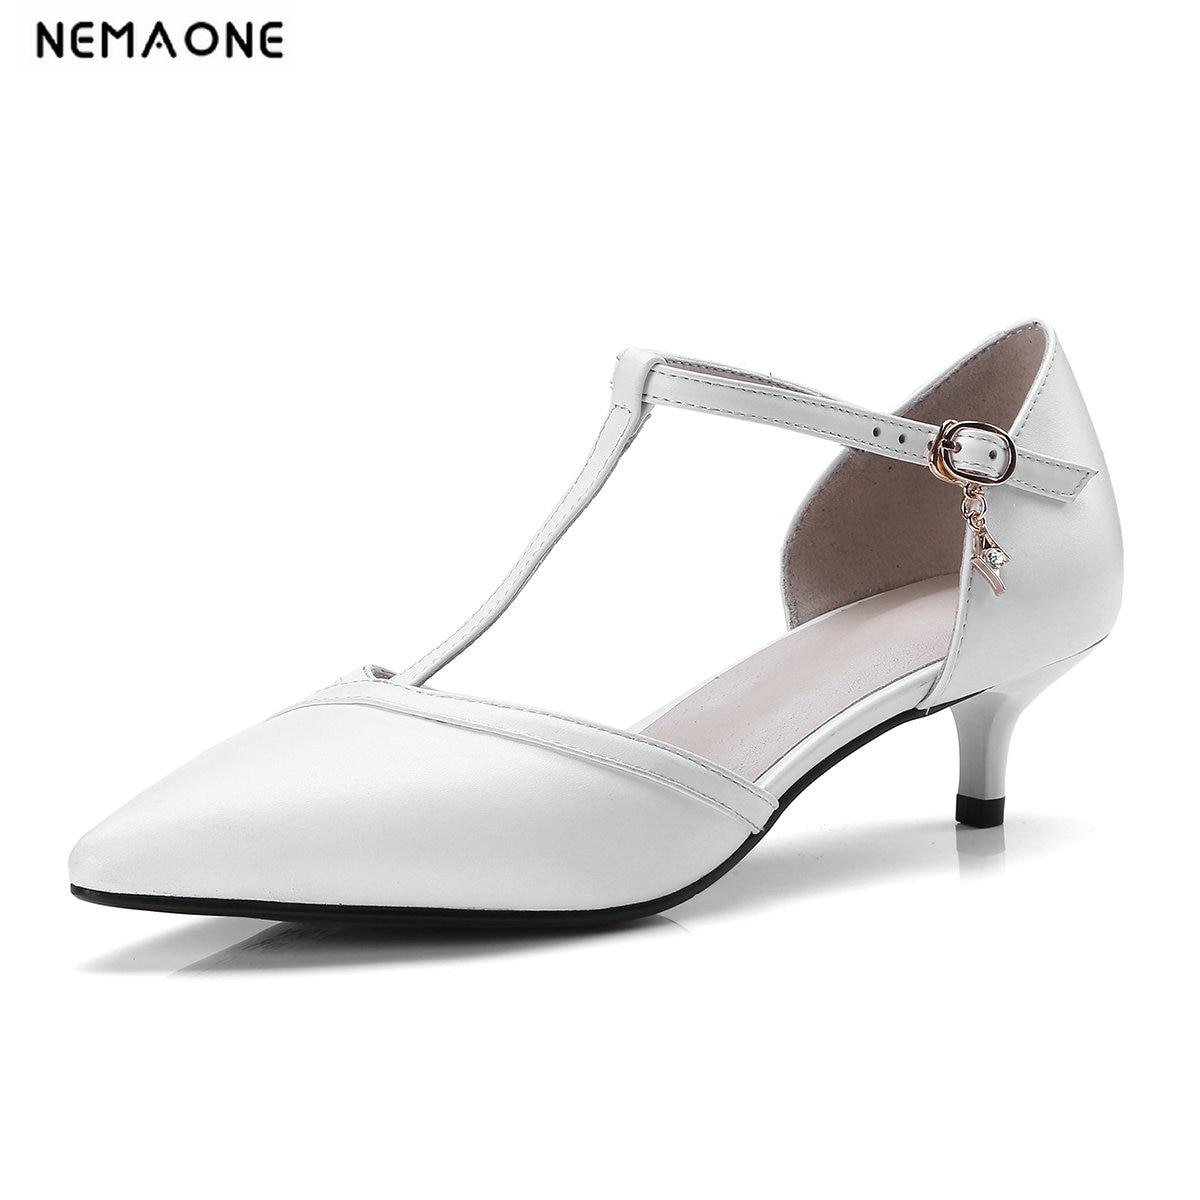 NEMAONE mode blanc T-strap femmes pompes bout pointu boucle En Cuir véritable talon mince talons hauts chaussures